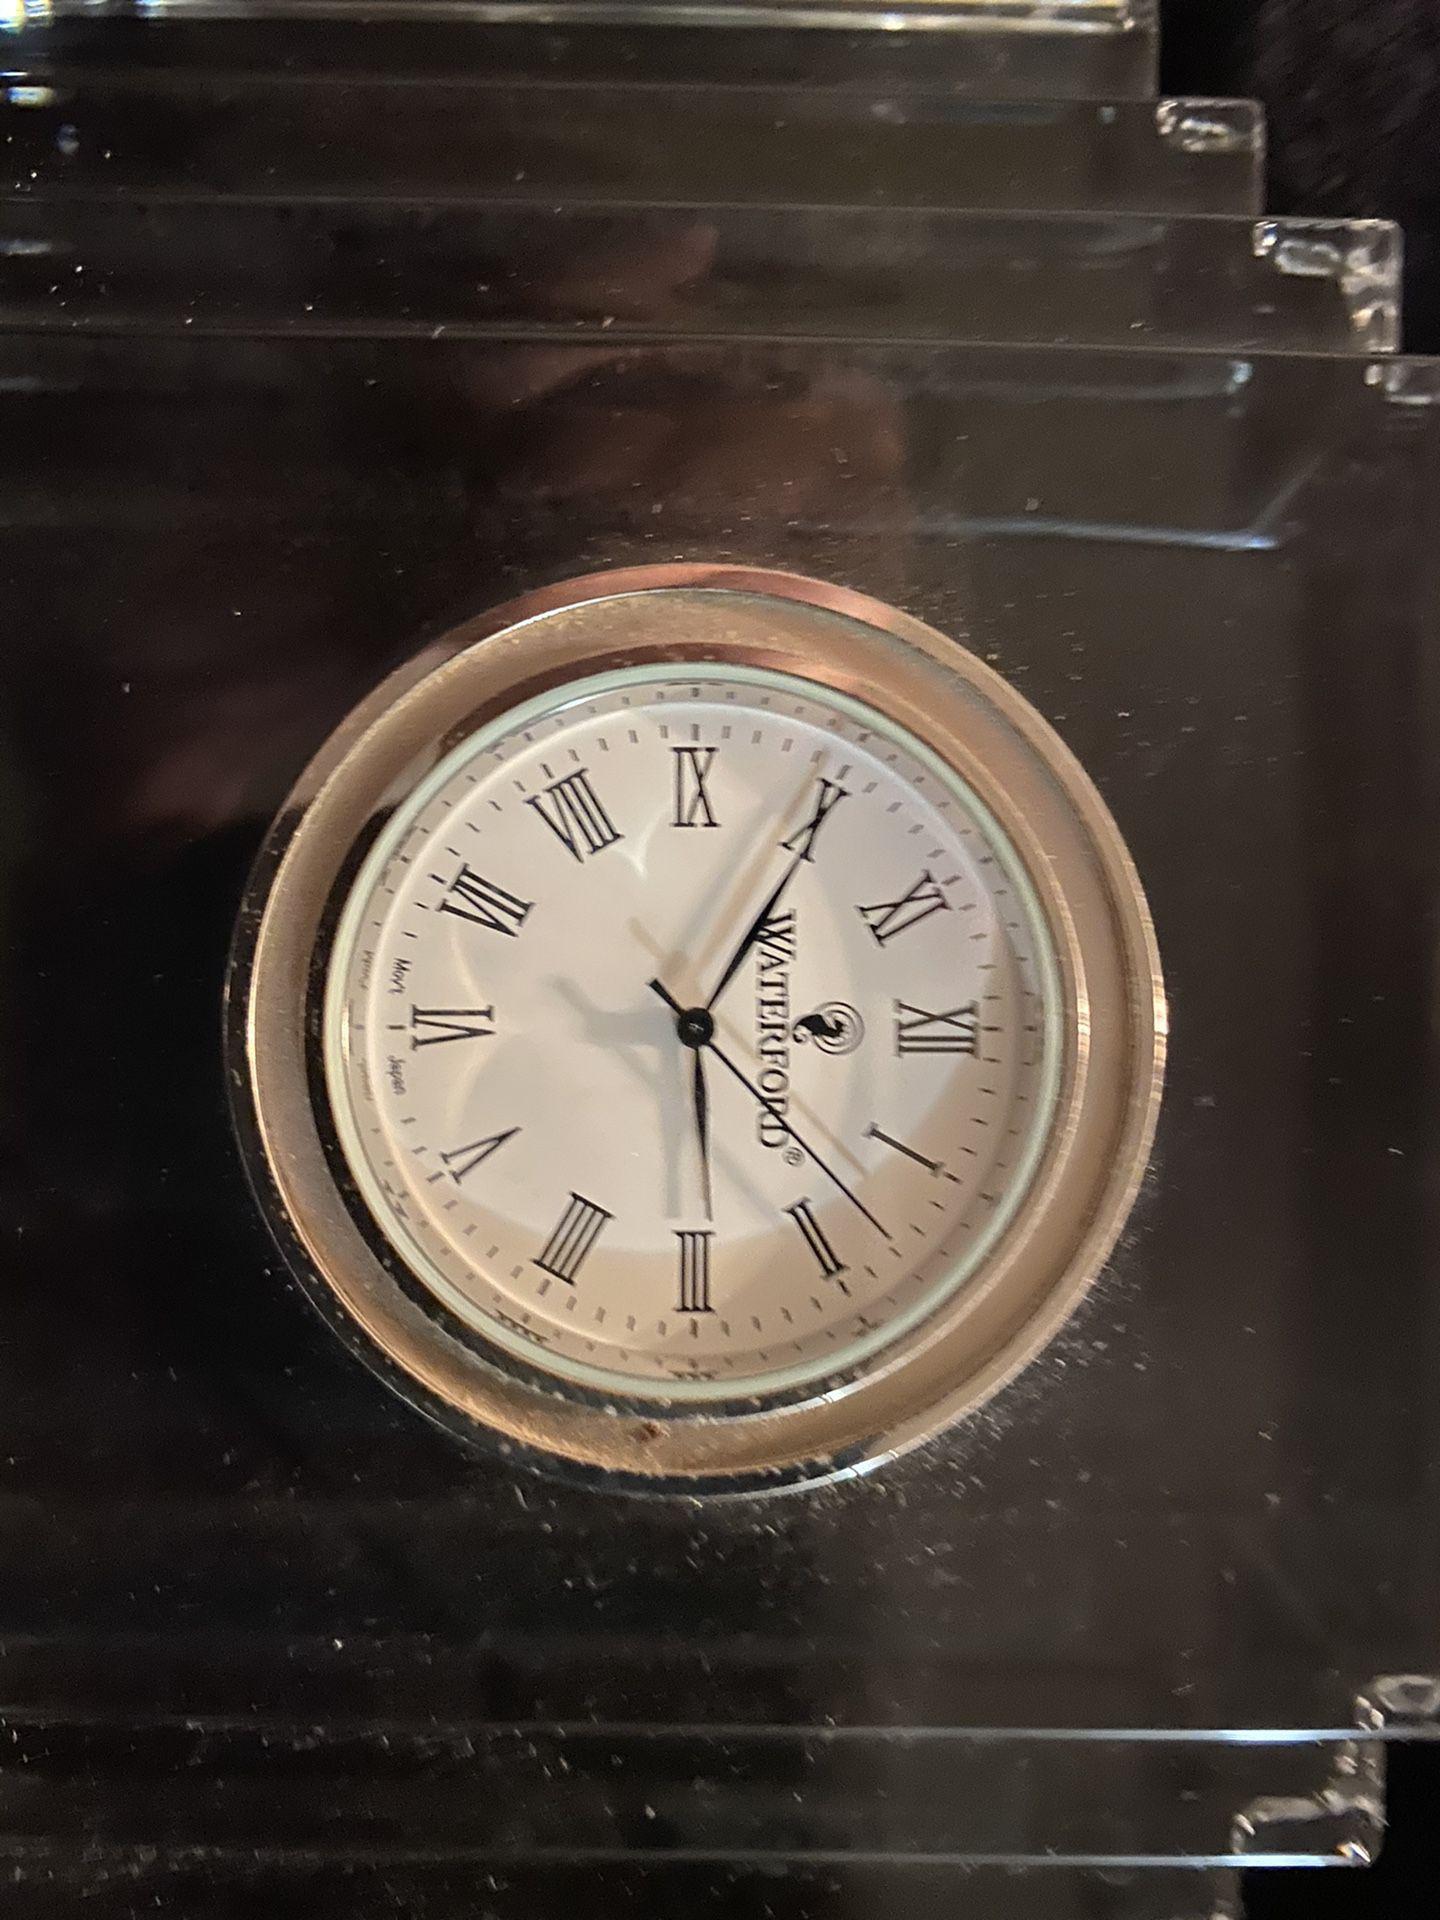 Medium Metropolitan Waterford Crystal Clock